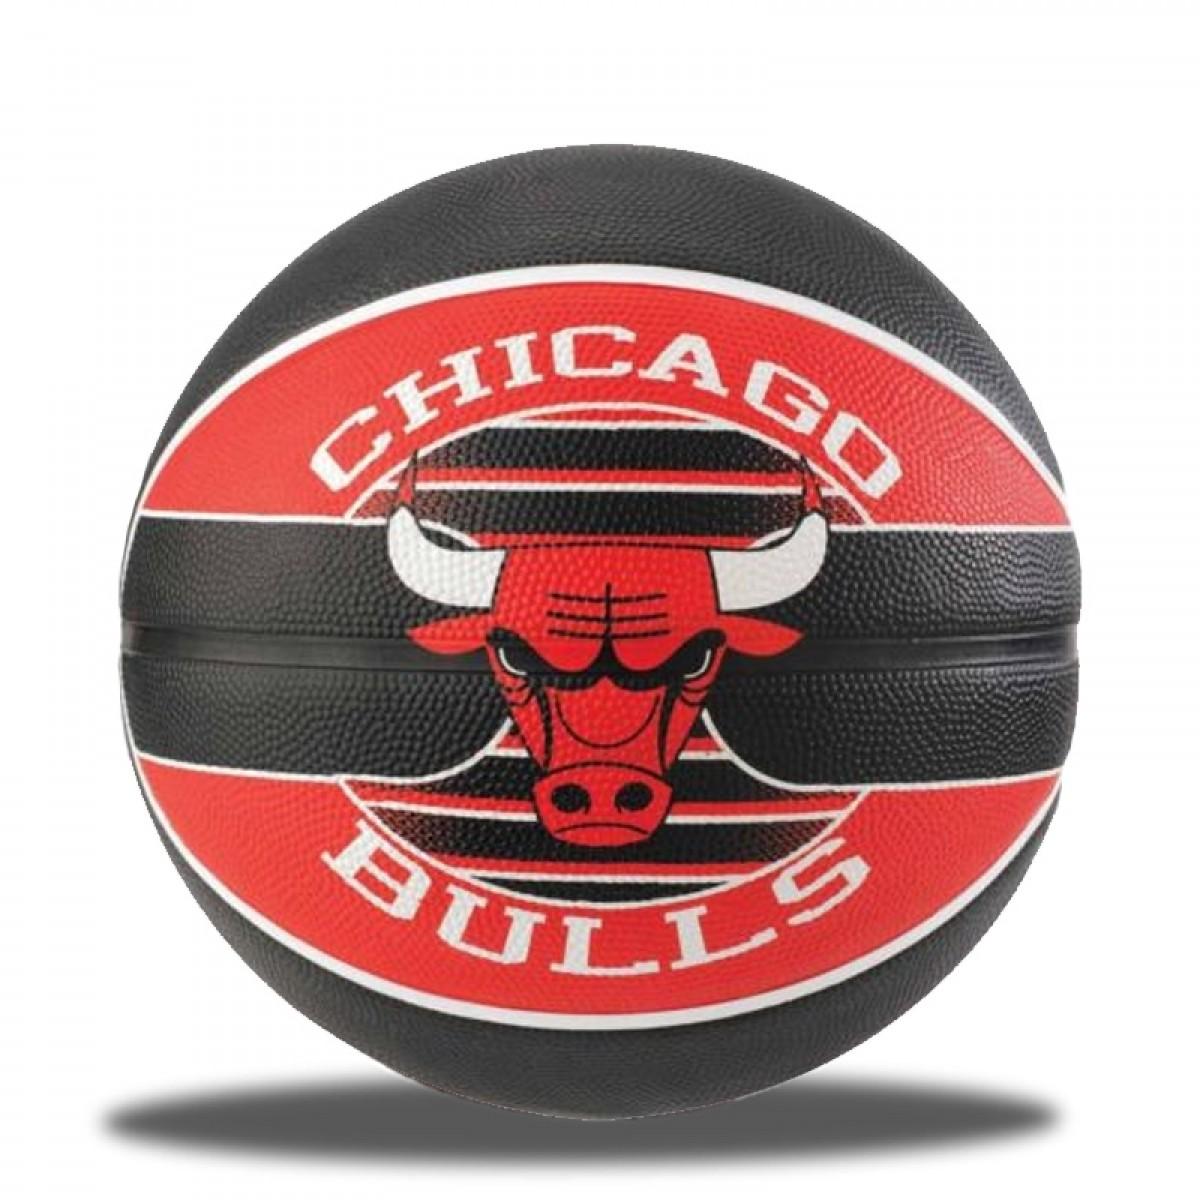 Spalding NBA Team 'Chicago'